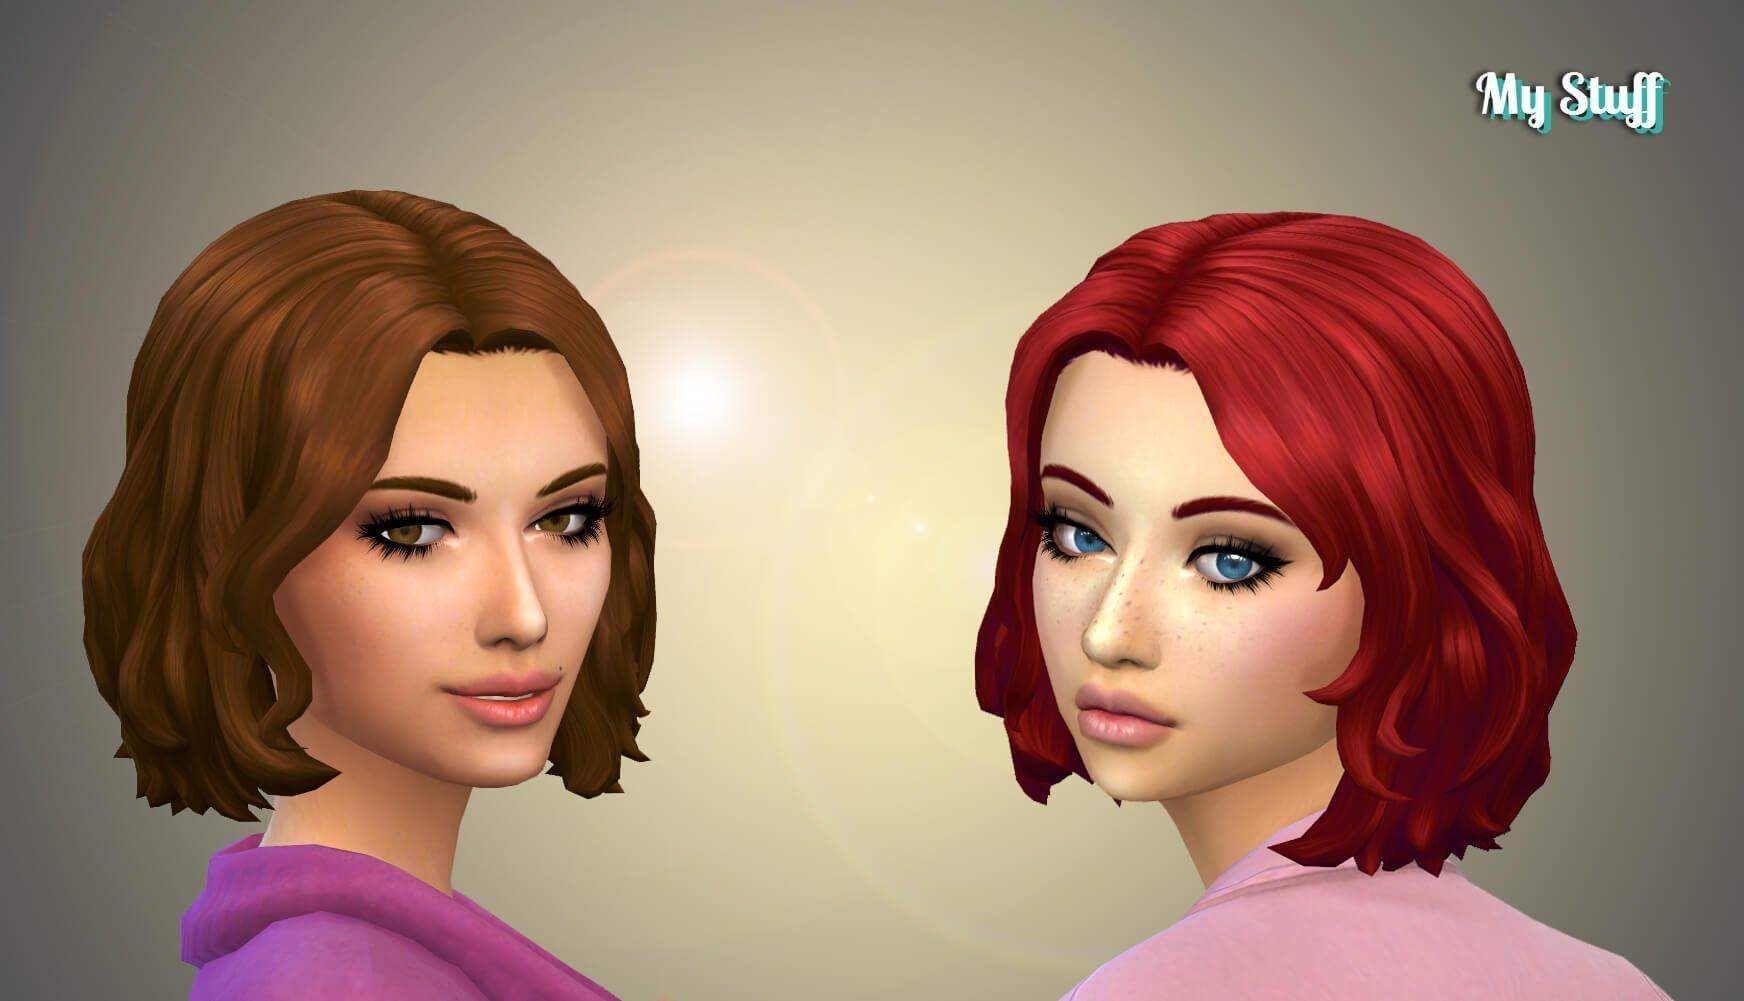 Joana Hairstyle